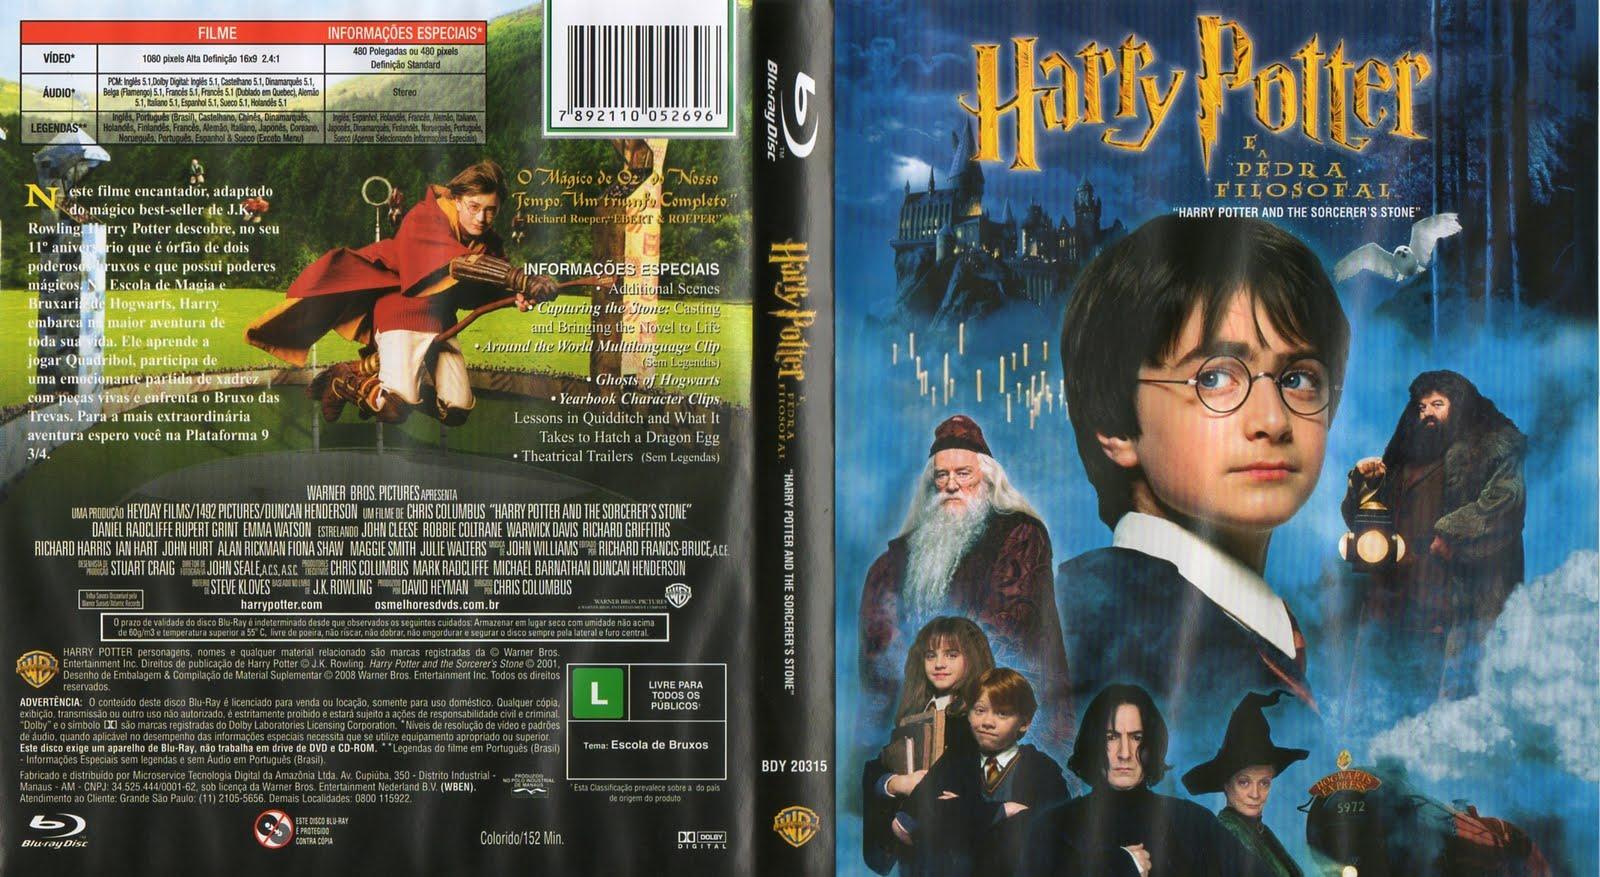 Harry Potter É A Pedra Filosofal with capas filmes: harry potter e a pedra filosofal